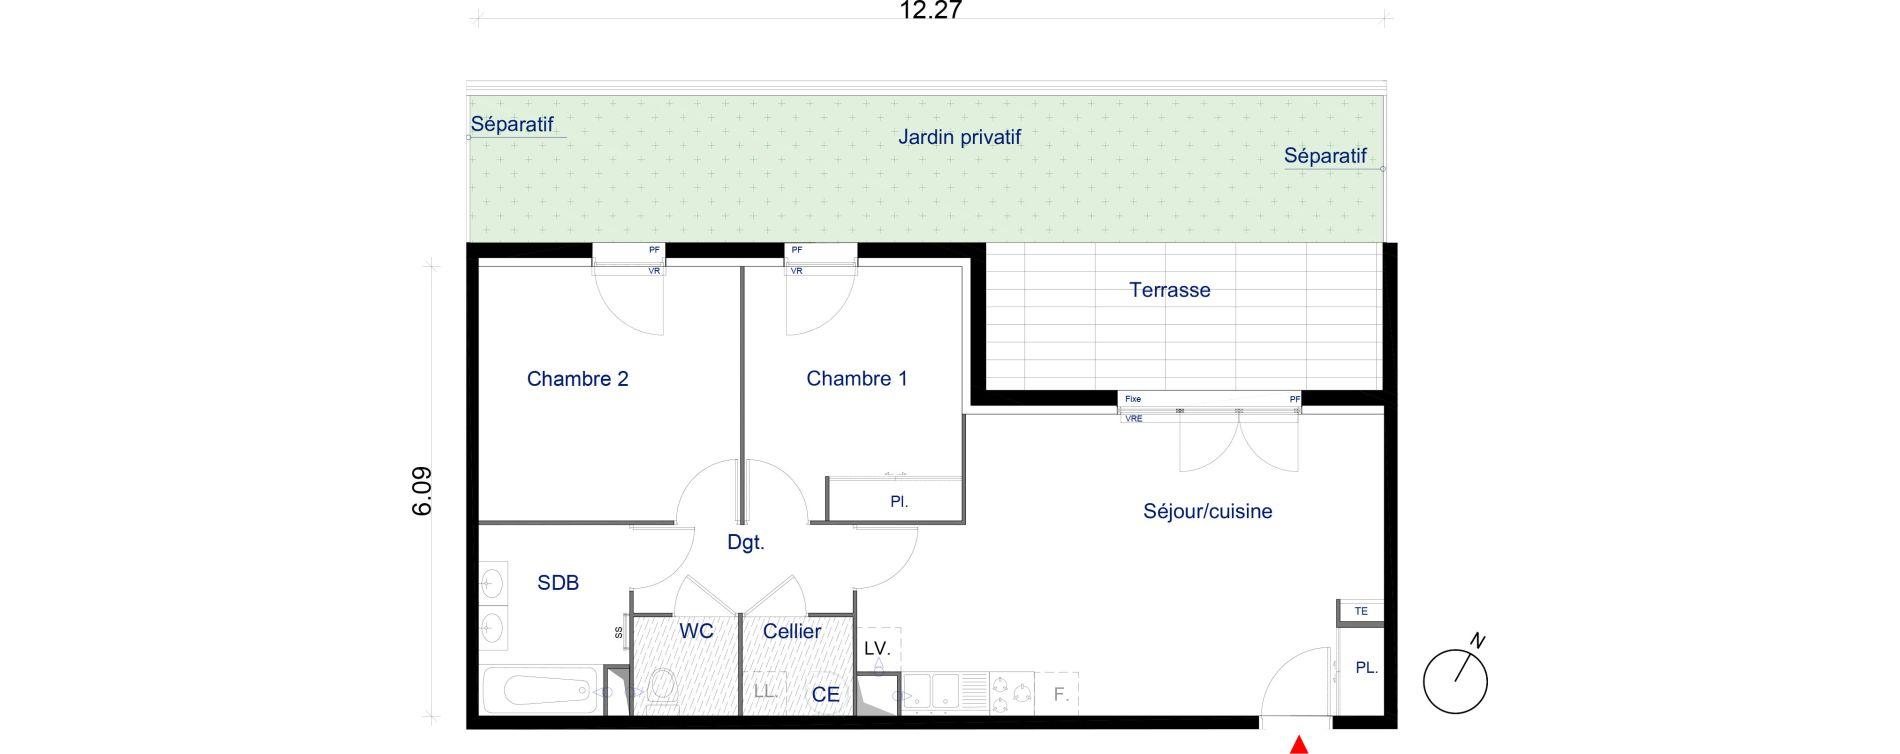 Appartement T3 de 61,33 m2 à La Seyne-Sur-Mer La seyne sur mer centre